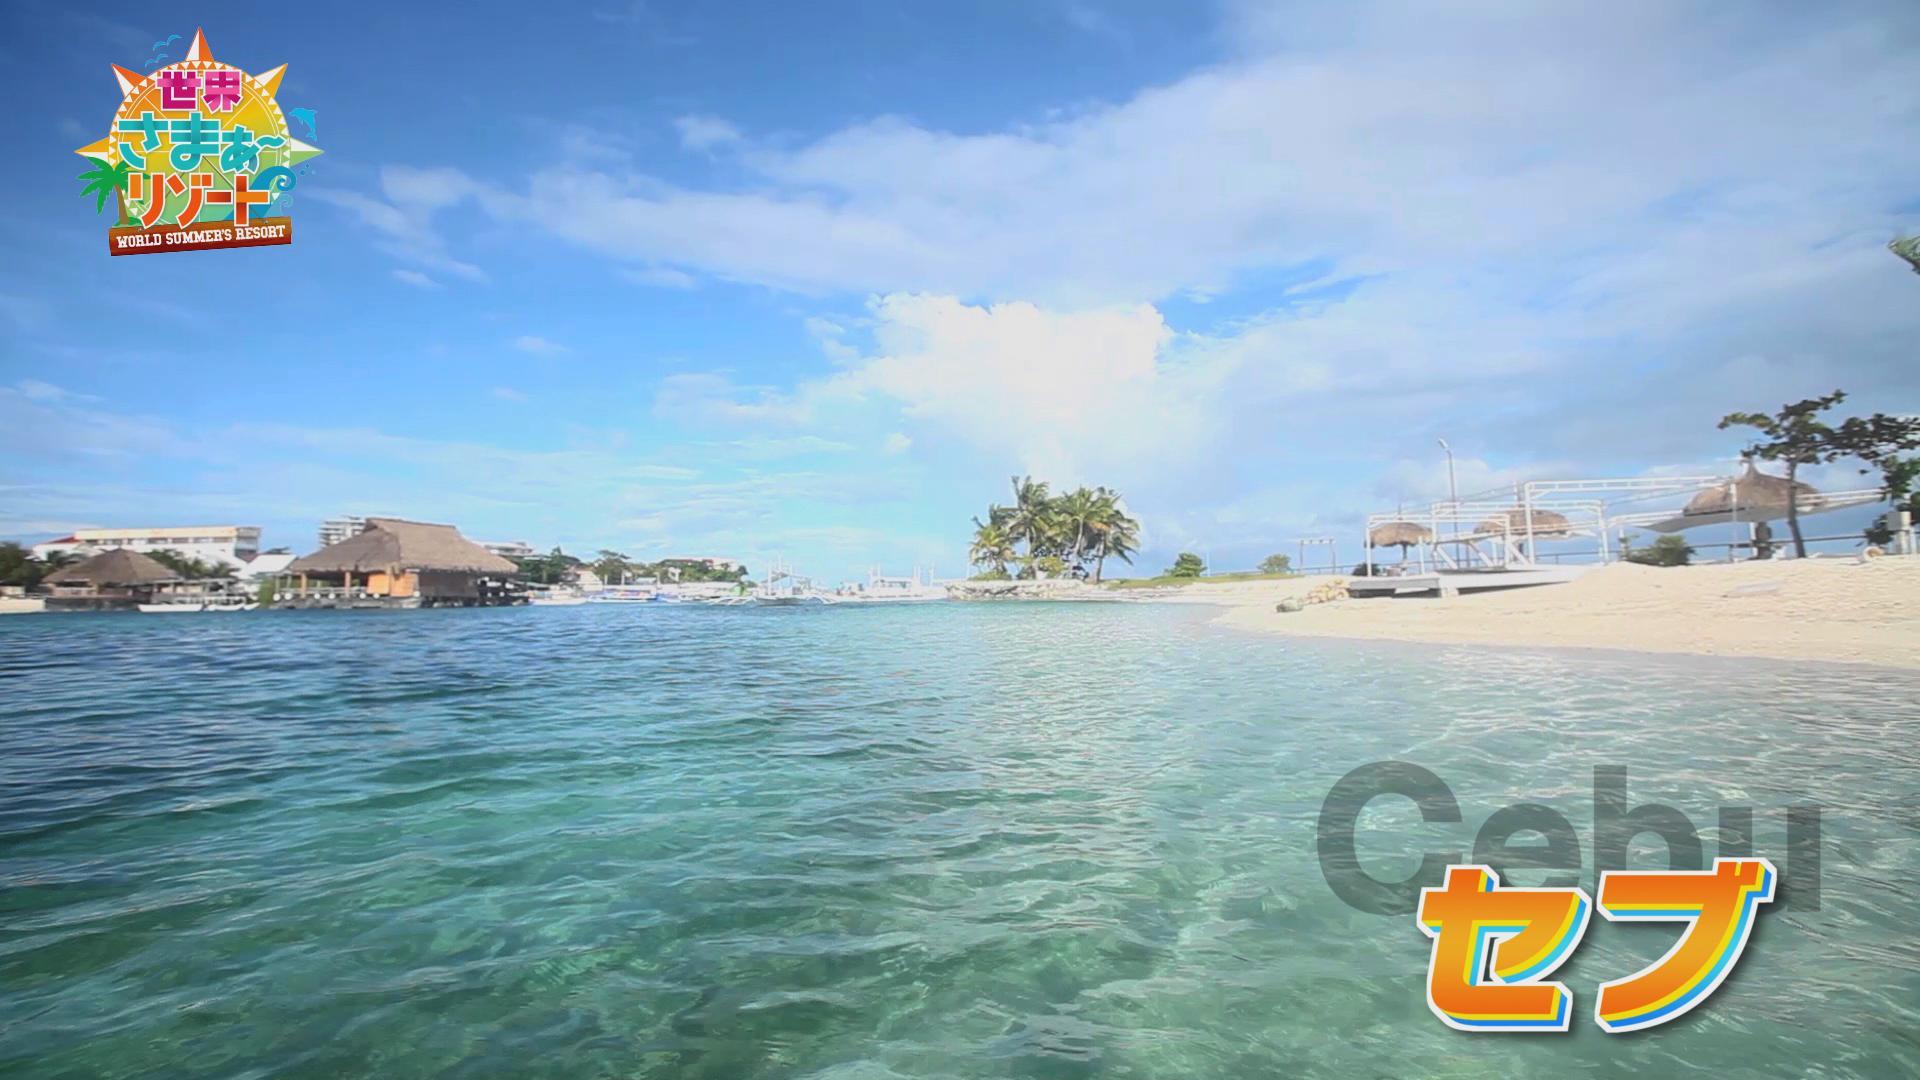 7つの海を楽しもう!世界さまぁ~リゾート #389 世界ビーチウォーカーinセブ(2)